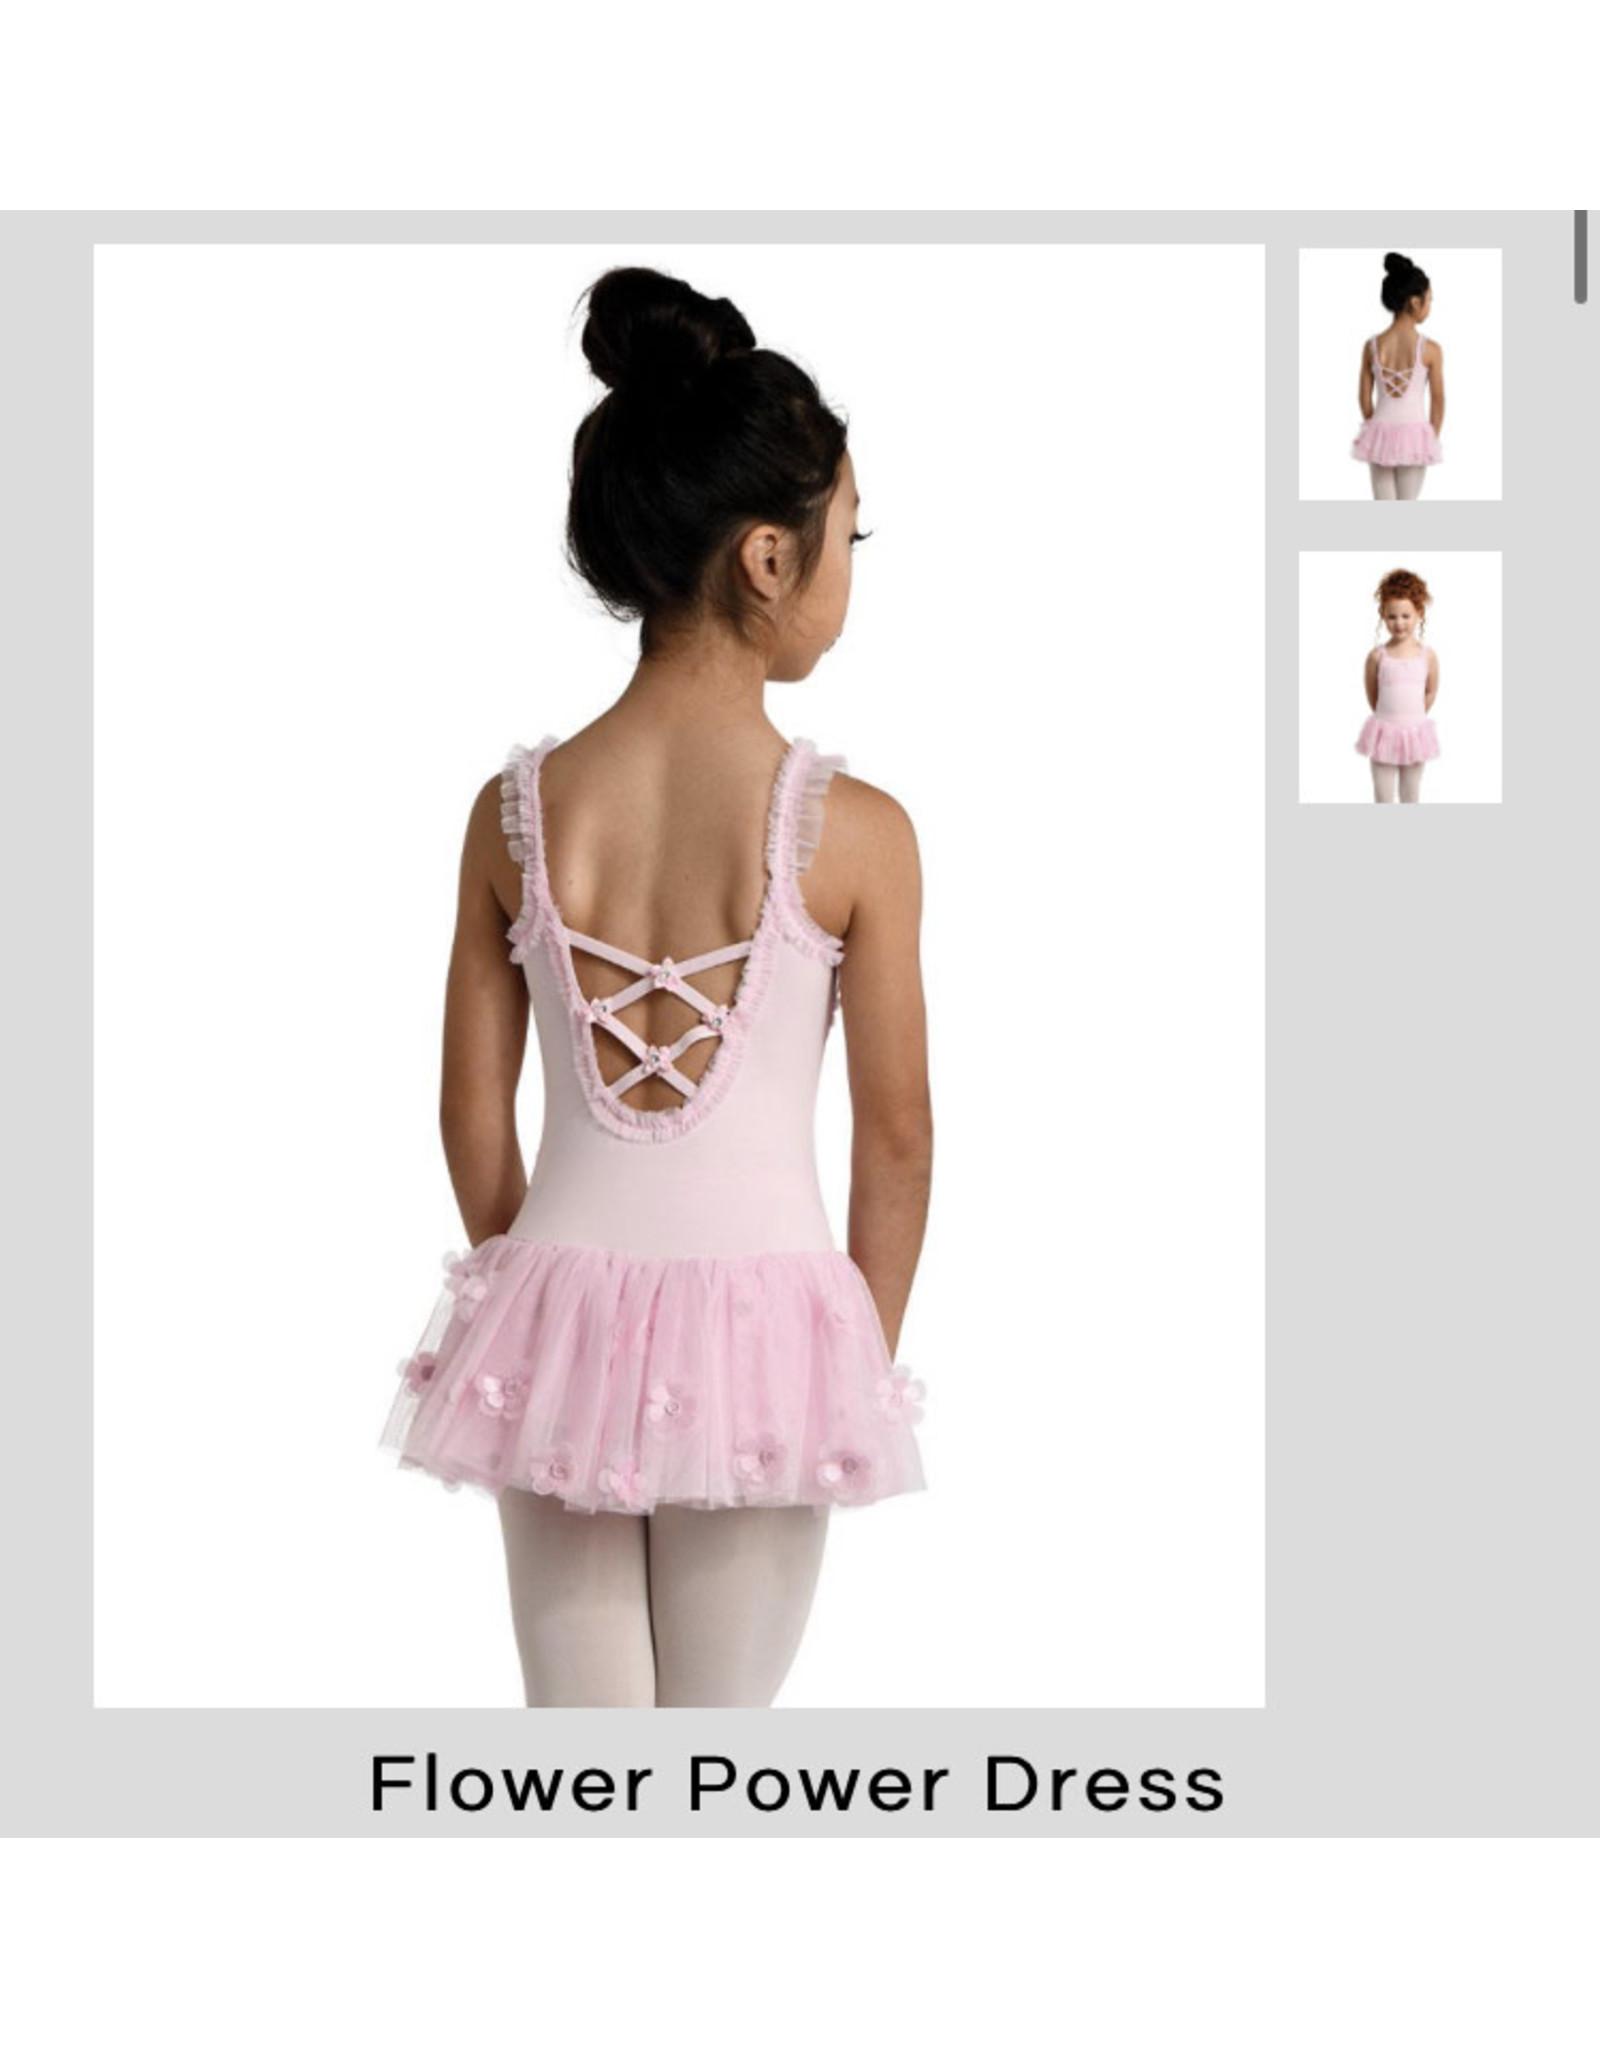 Danshuz Danznmotion Pink Dress w/ Flowers